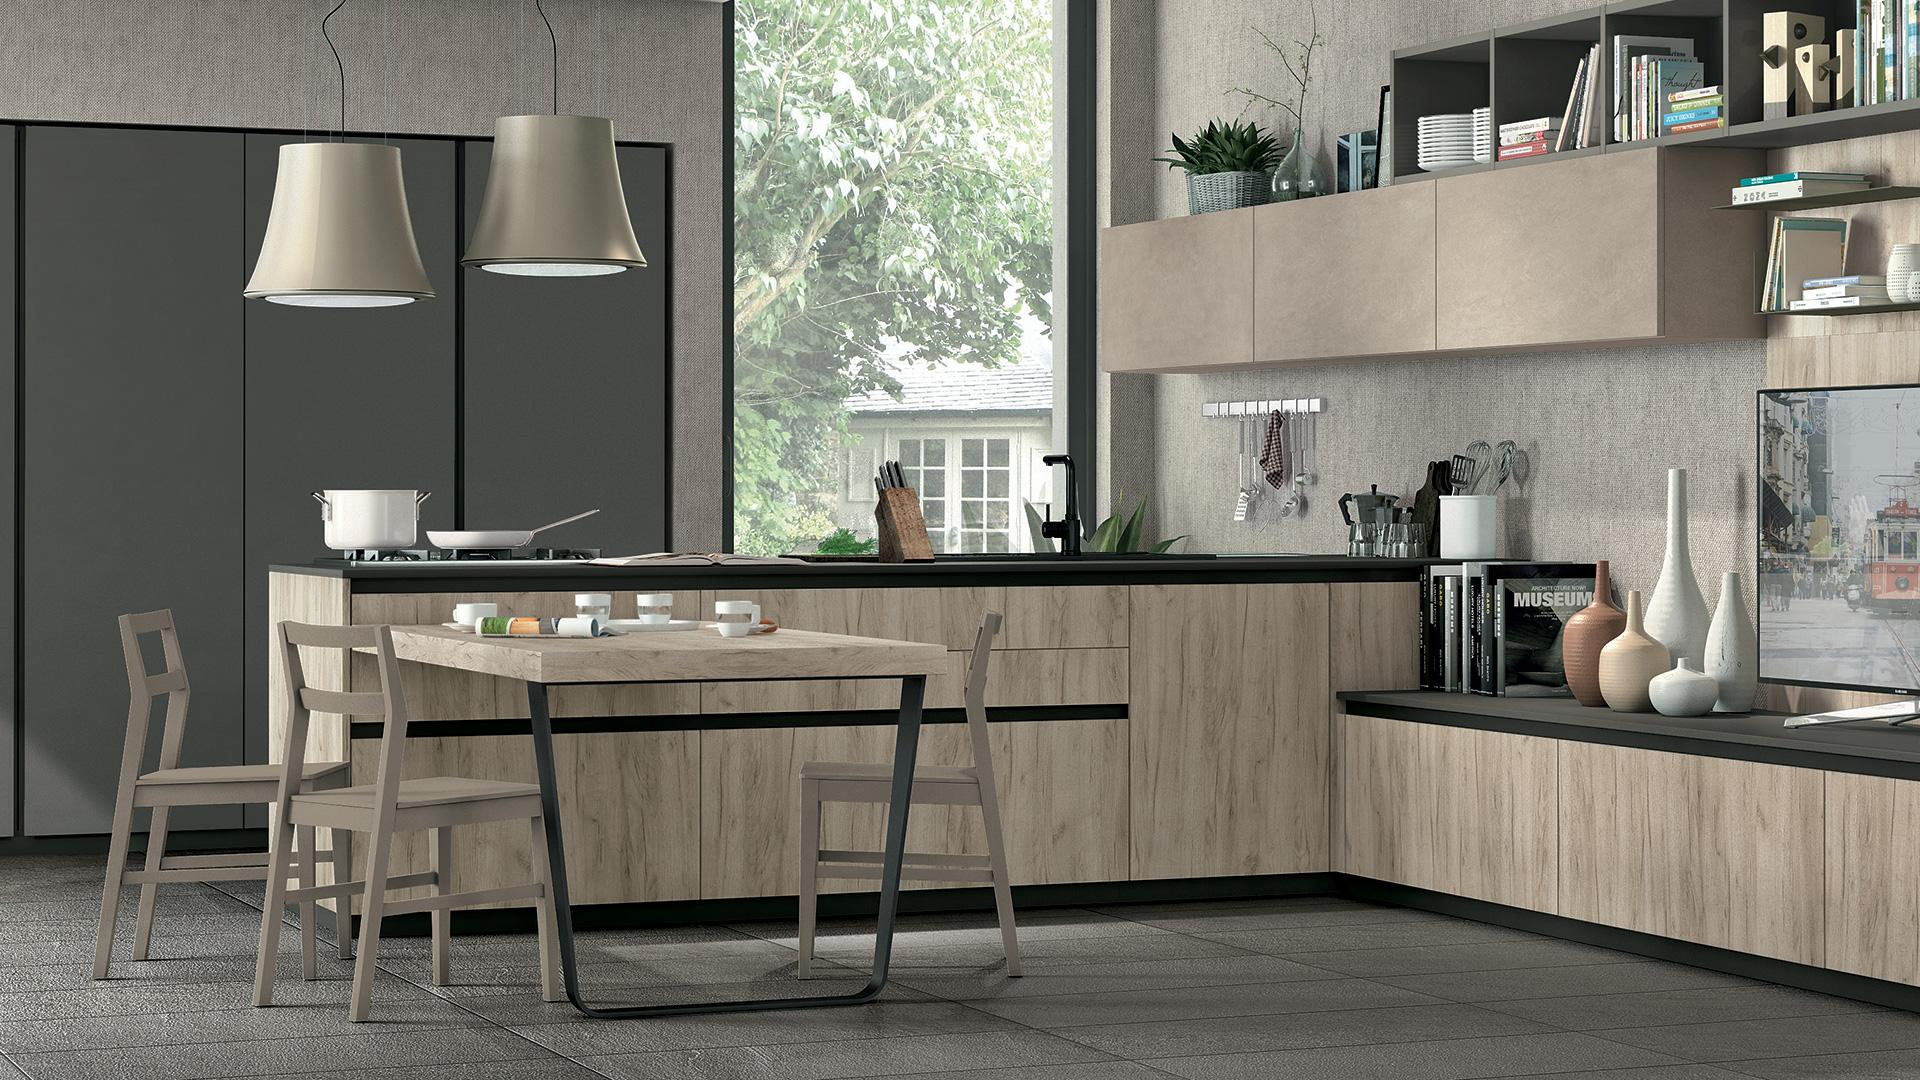 Le nuove cucine moderne lube store milano le cucine lube creo a milano - Foto cucine moderne ...